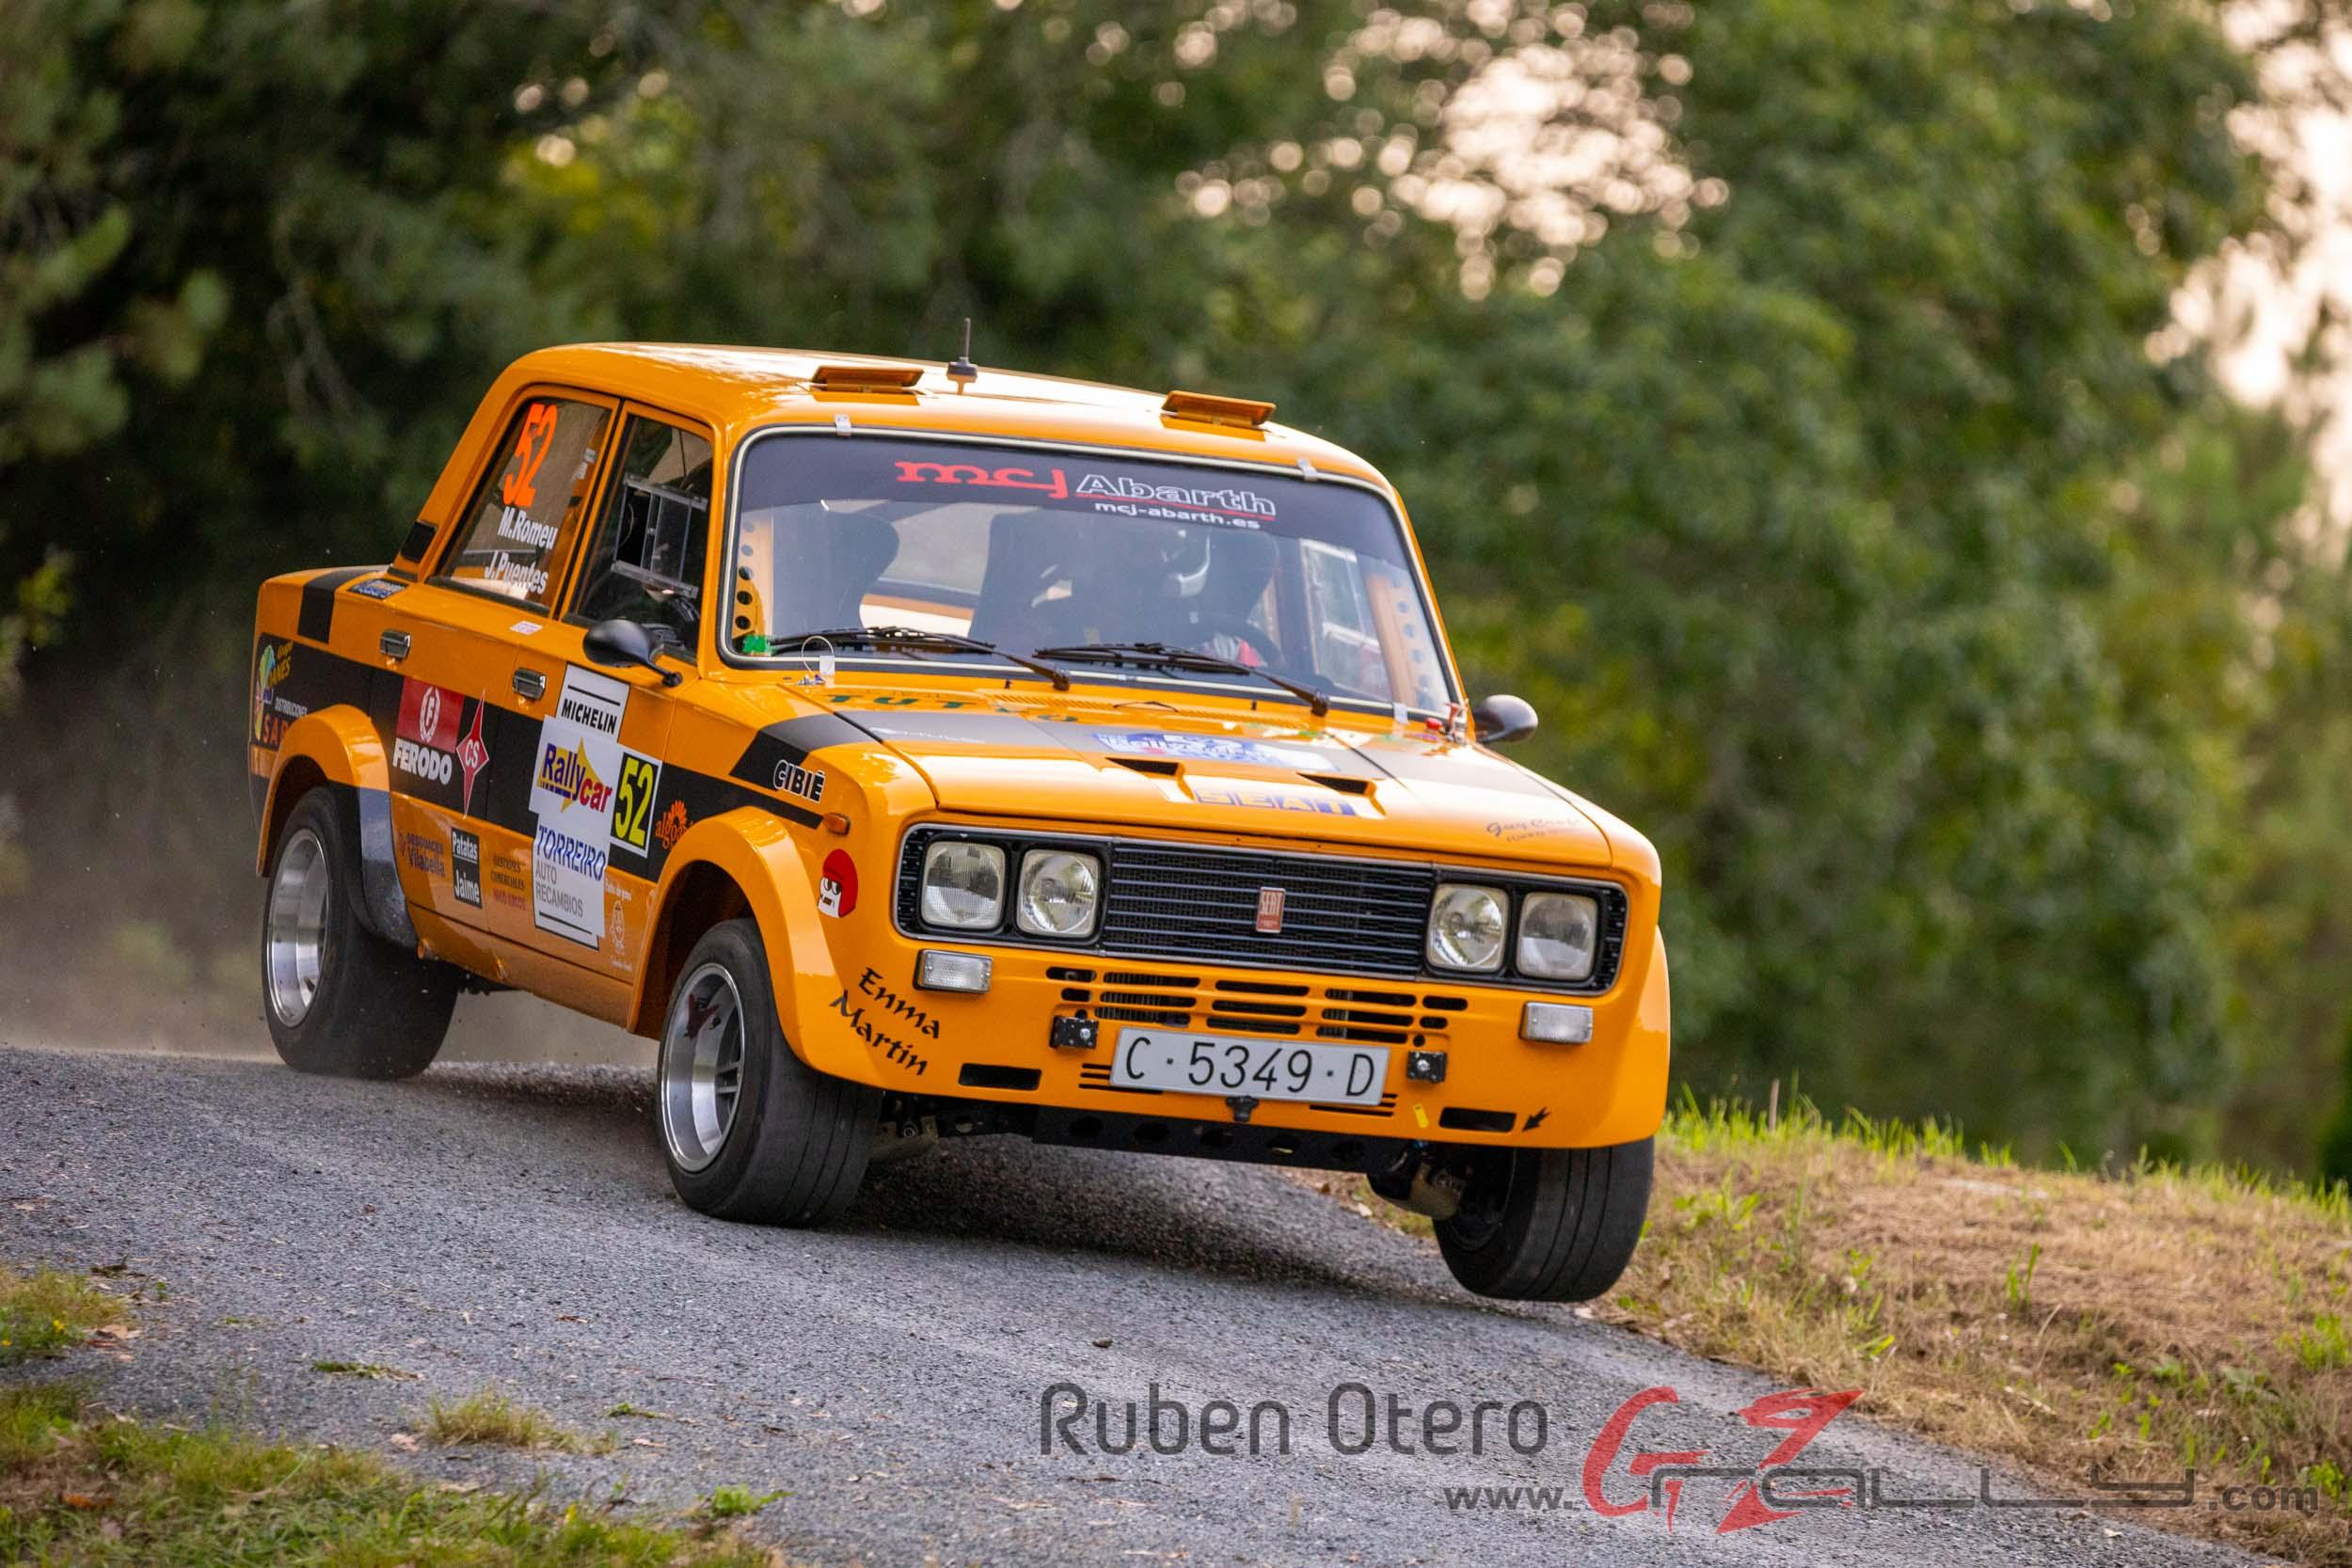 Rally de Ferrol 2021 - Rubén Otero